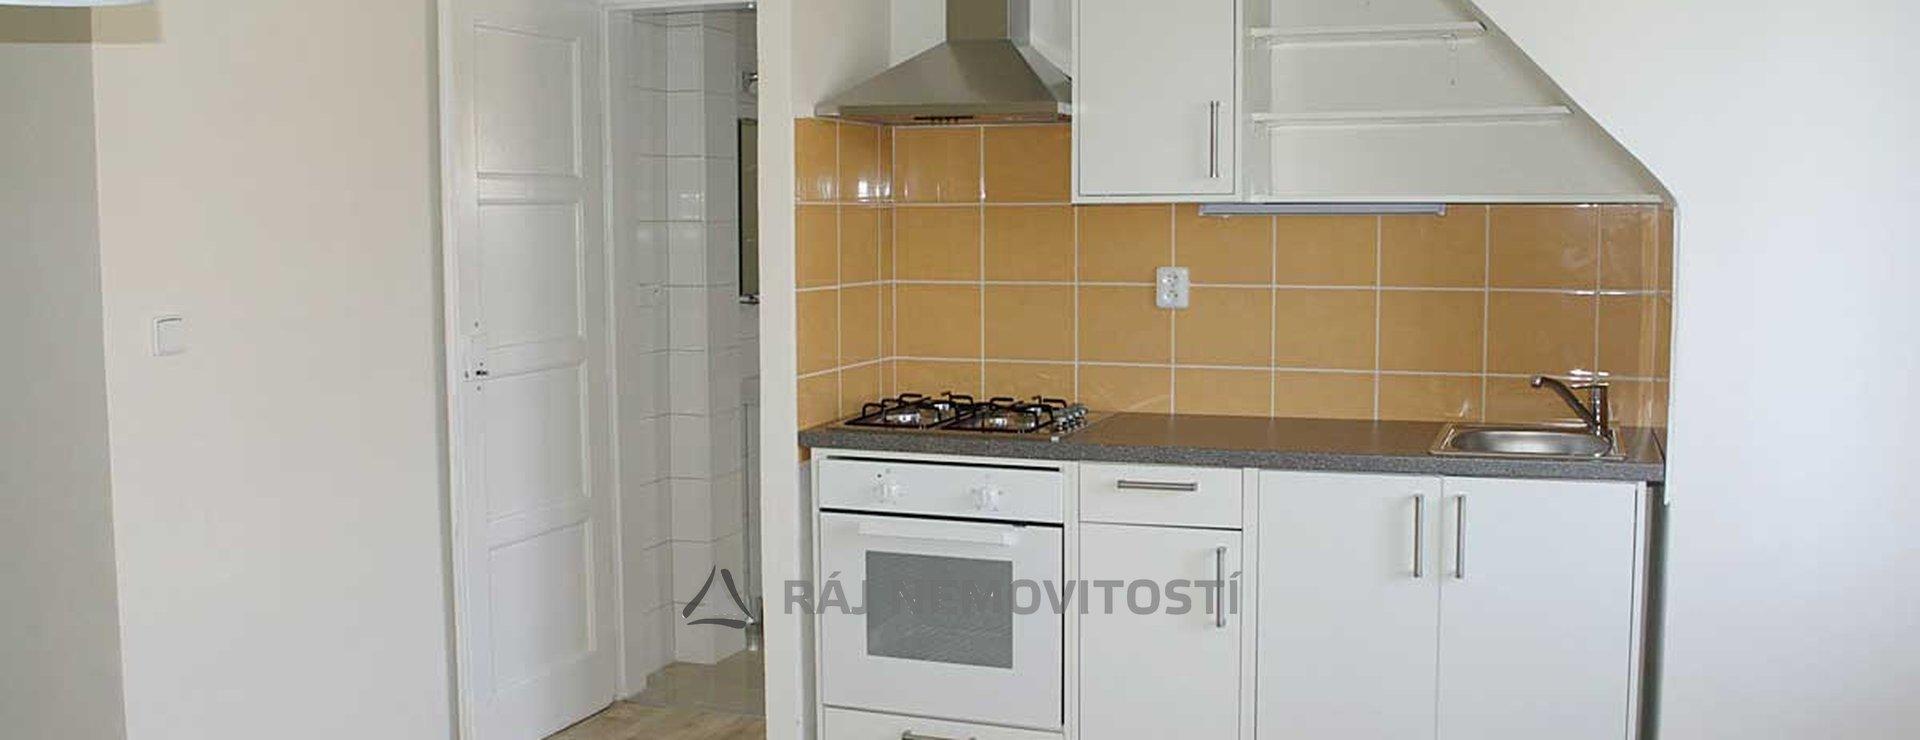 05 kuchyně